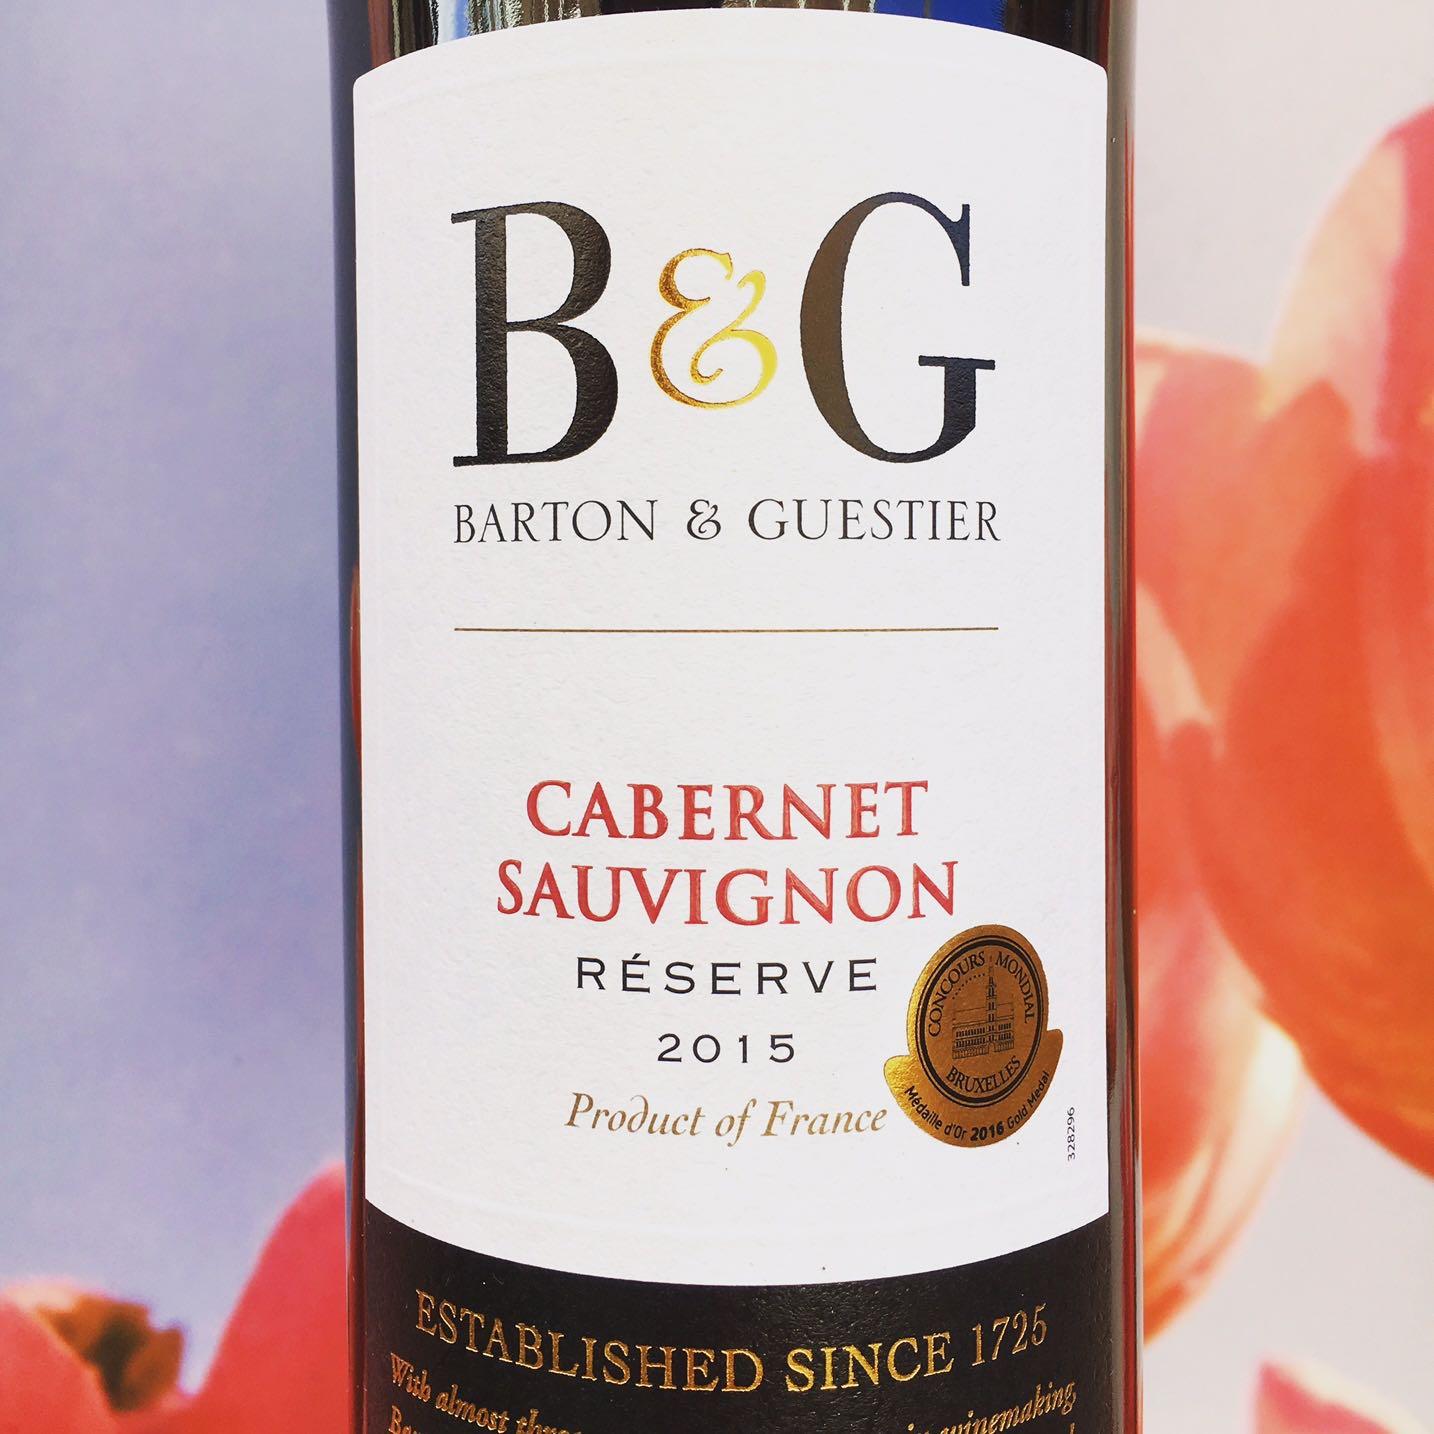 Cabernet Sauvignon, Barton & Guestier Review